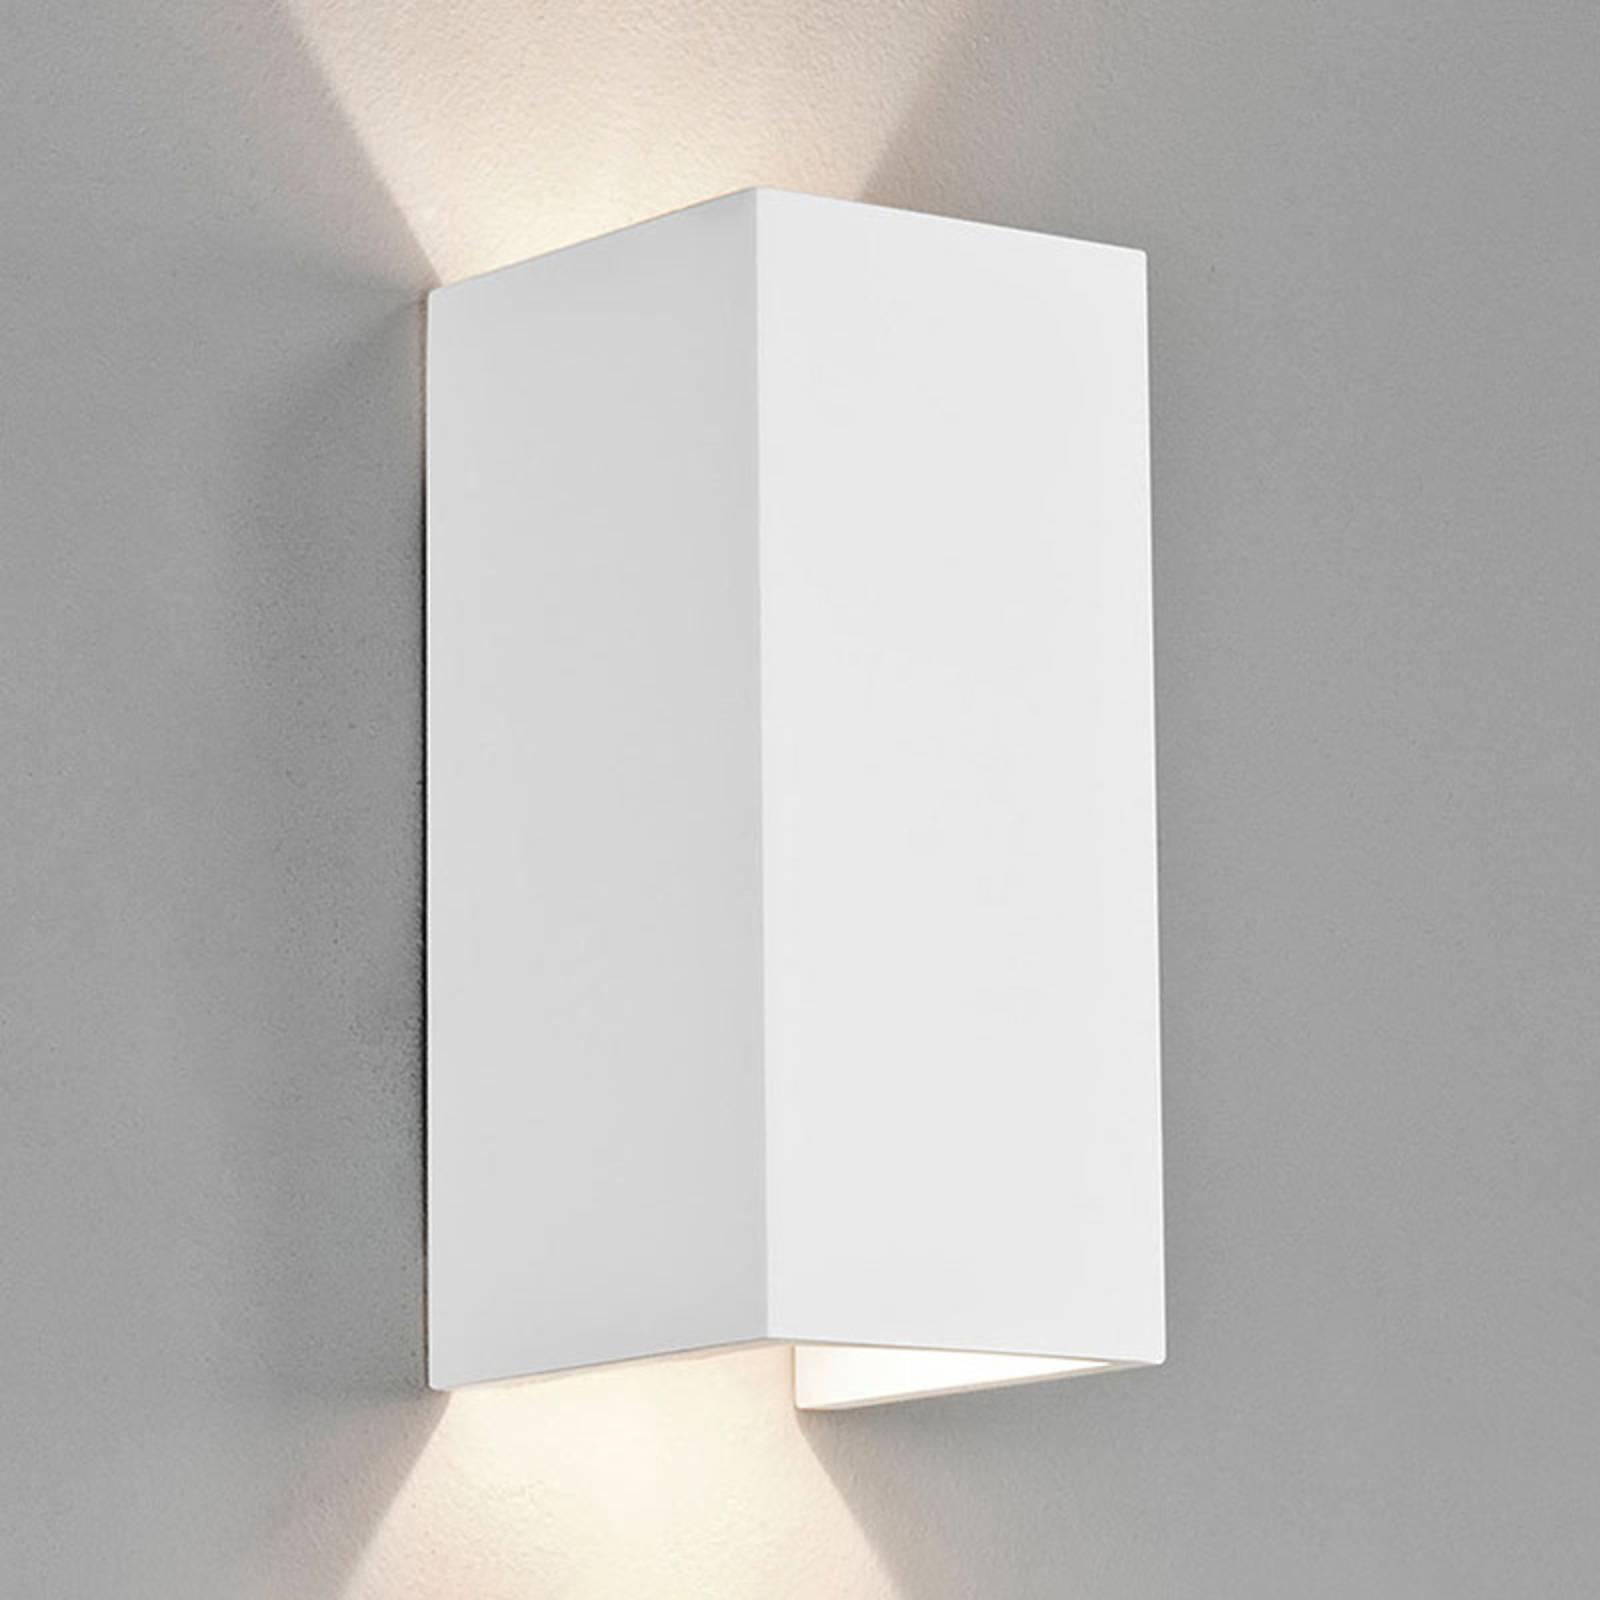 Astro Parma 210 -LED-seinävalaisin kipsiä, 2 700 K